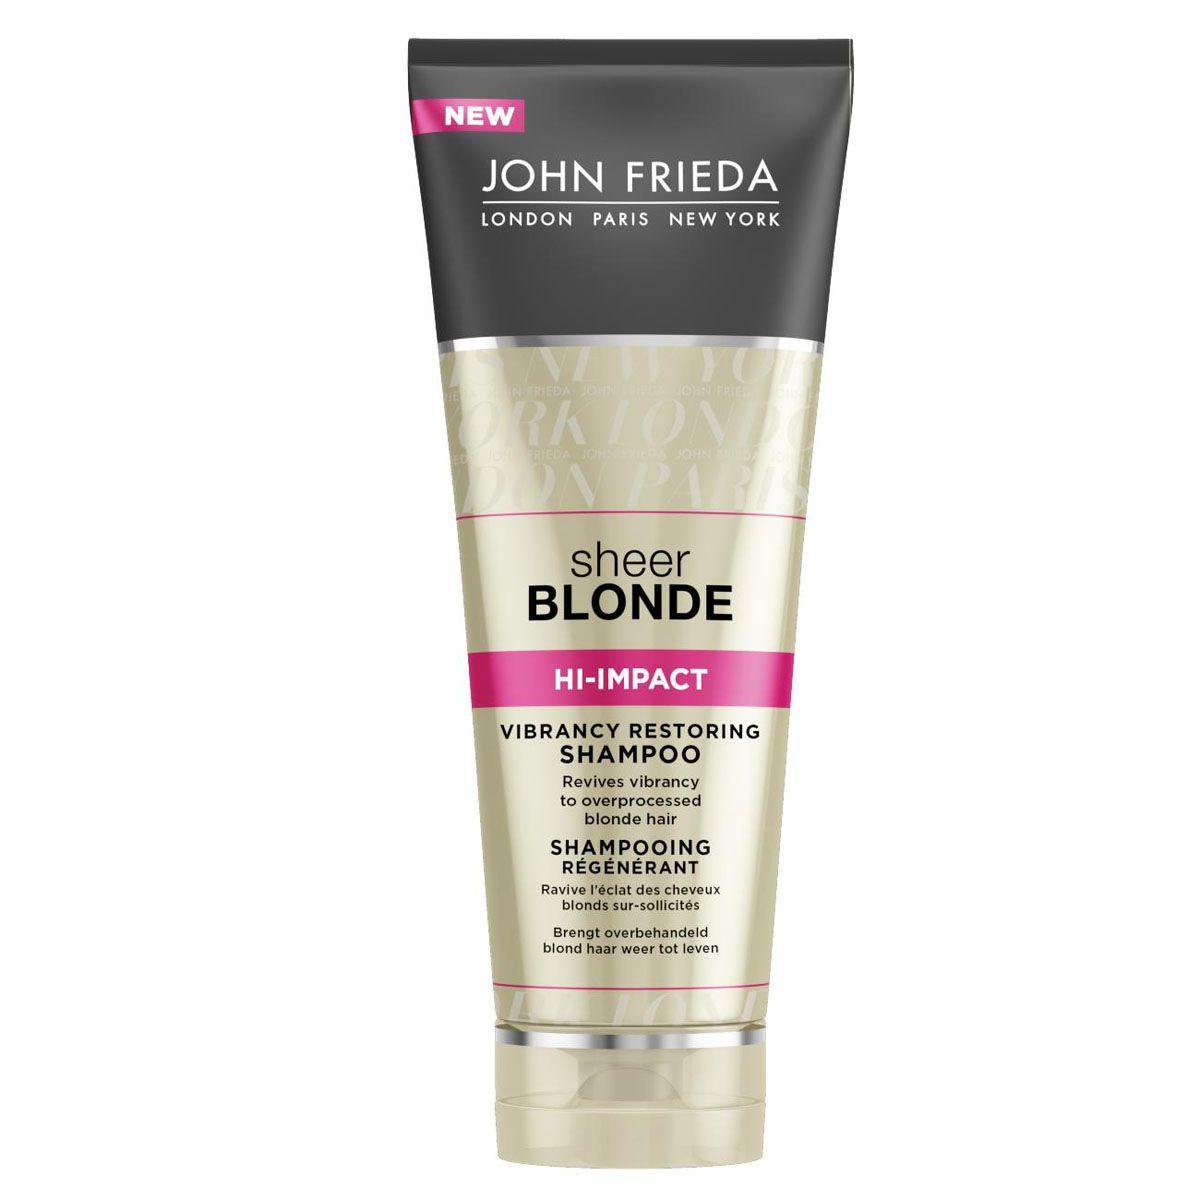 John Frieda Восстанавливающий шампунь для сильно поврежденных волос Sheer Blonde HI-IMPACT 250 млjf213110Возвращает жизненную силу сильно осветленным и поврежденным волосам. Оживляет поврежденные окрашиванием и укладкой светлые волосы. Восстанавливающий шампунь интенсивного действия для осветленных и поврежденных волос обновляет структуру волос, возвращает им здоровый вид и яркий оттенок. Омолаживает и реставрирует истонченные участки поврежденных волос.